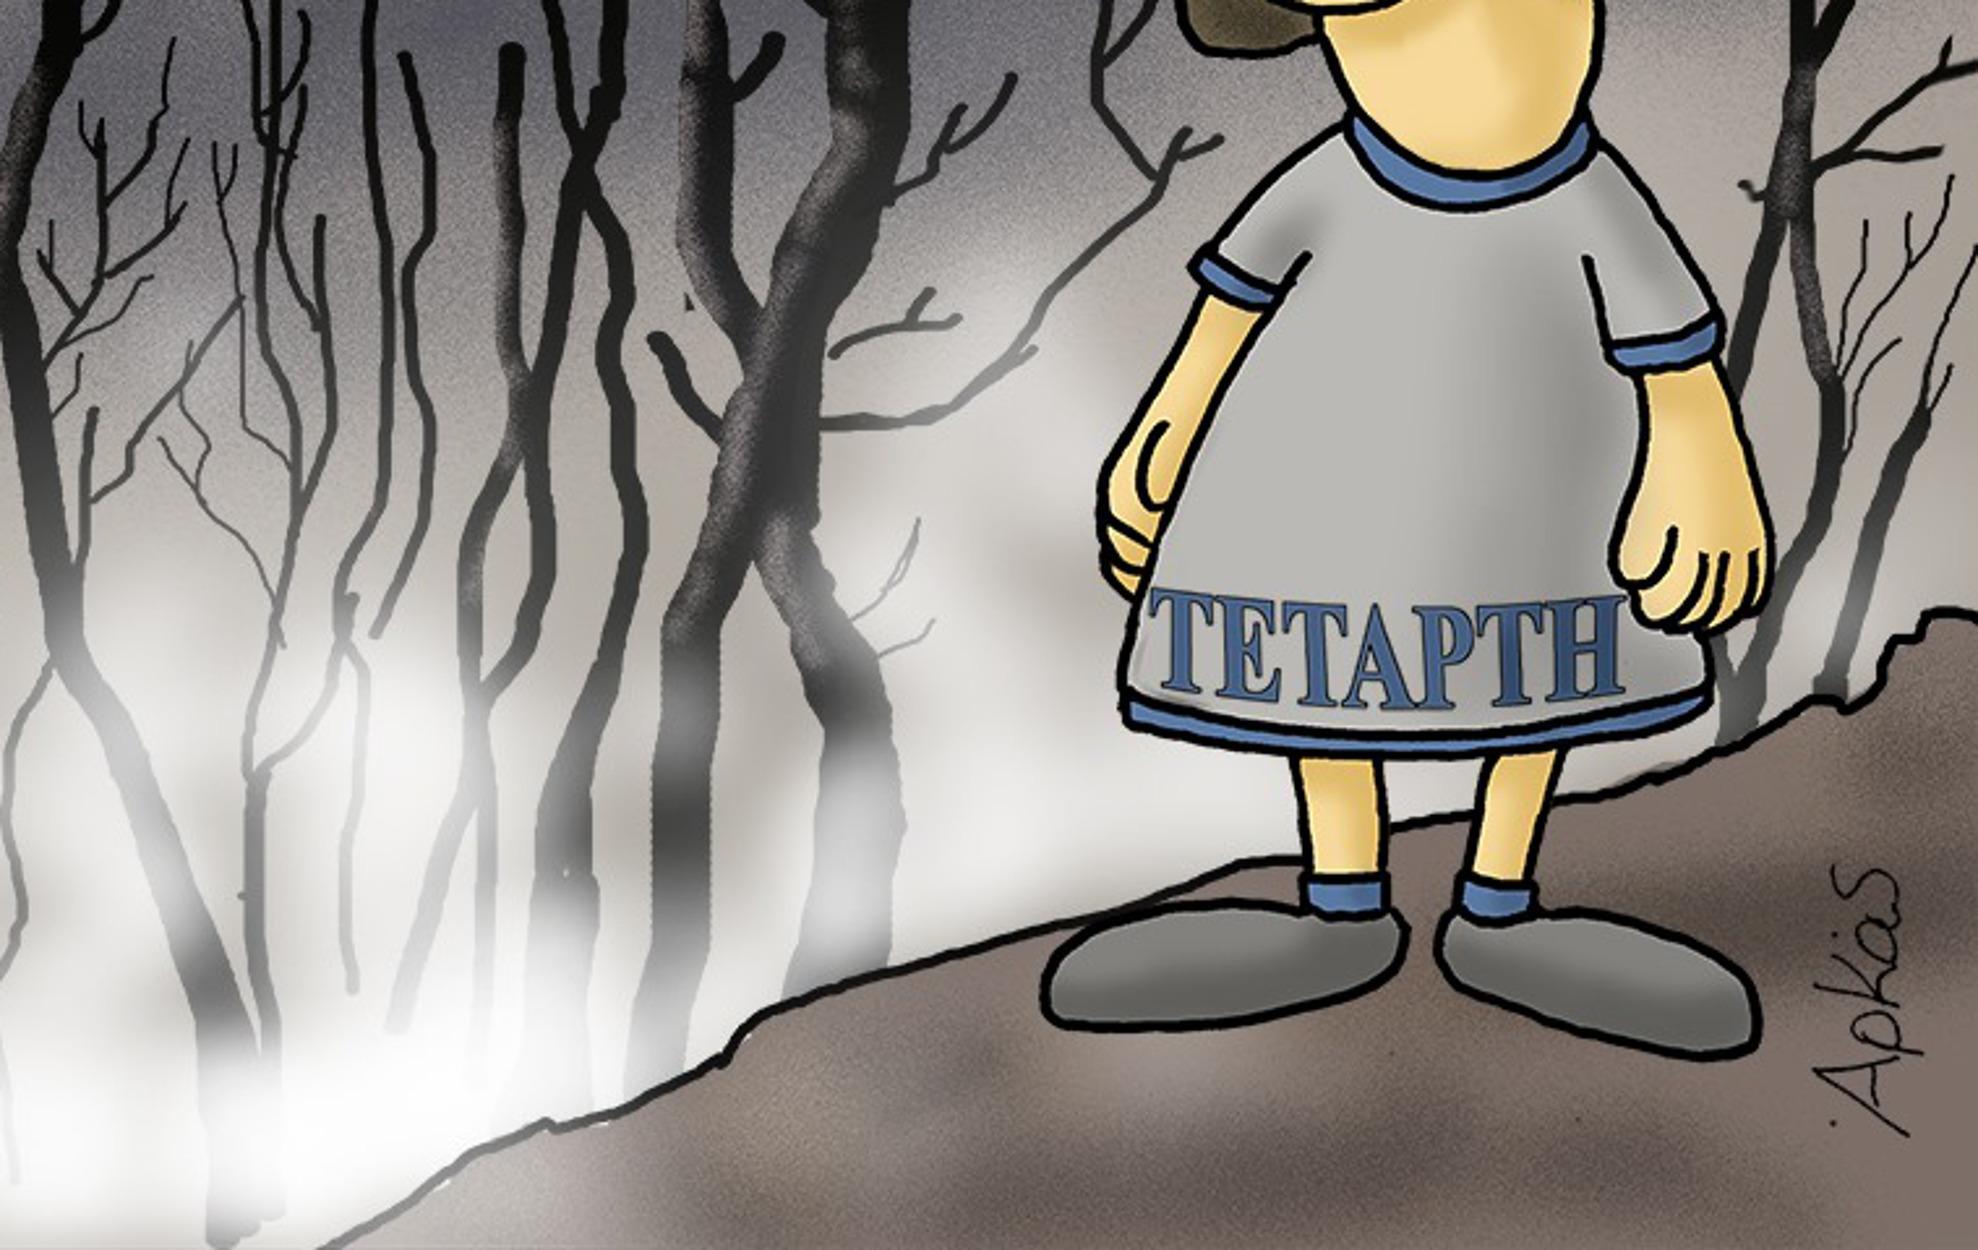 Φωτιά στην Βαρυμπόμπη: Το συγκλονιστικό σκίτσο του Αρκά για την καταστροφή